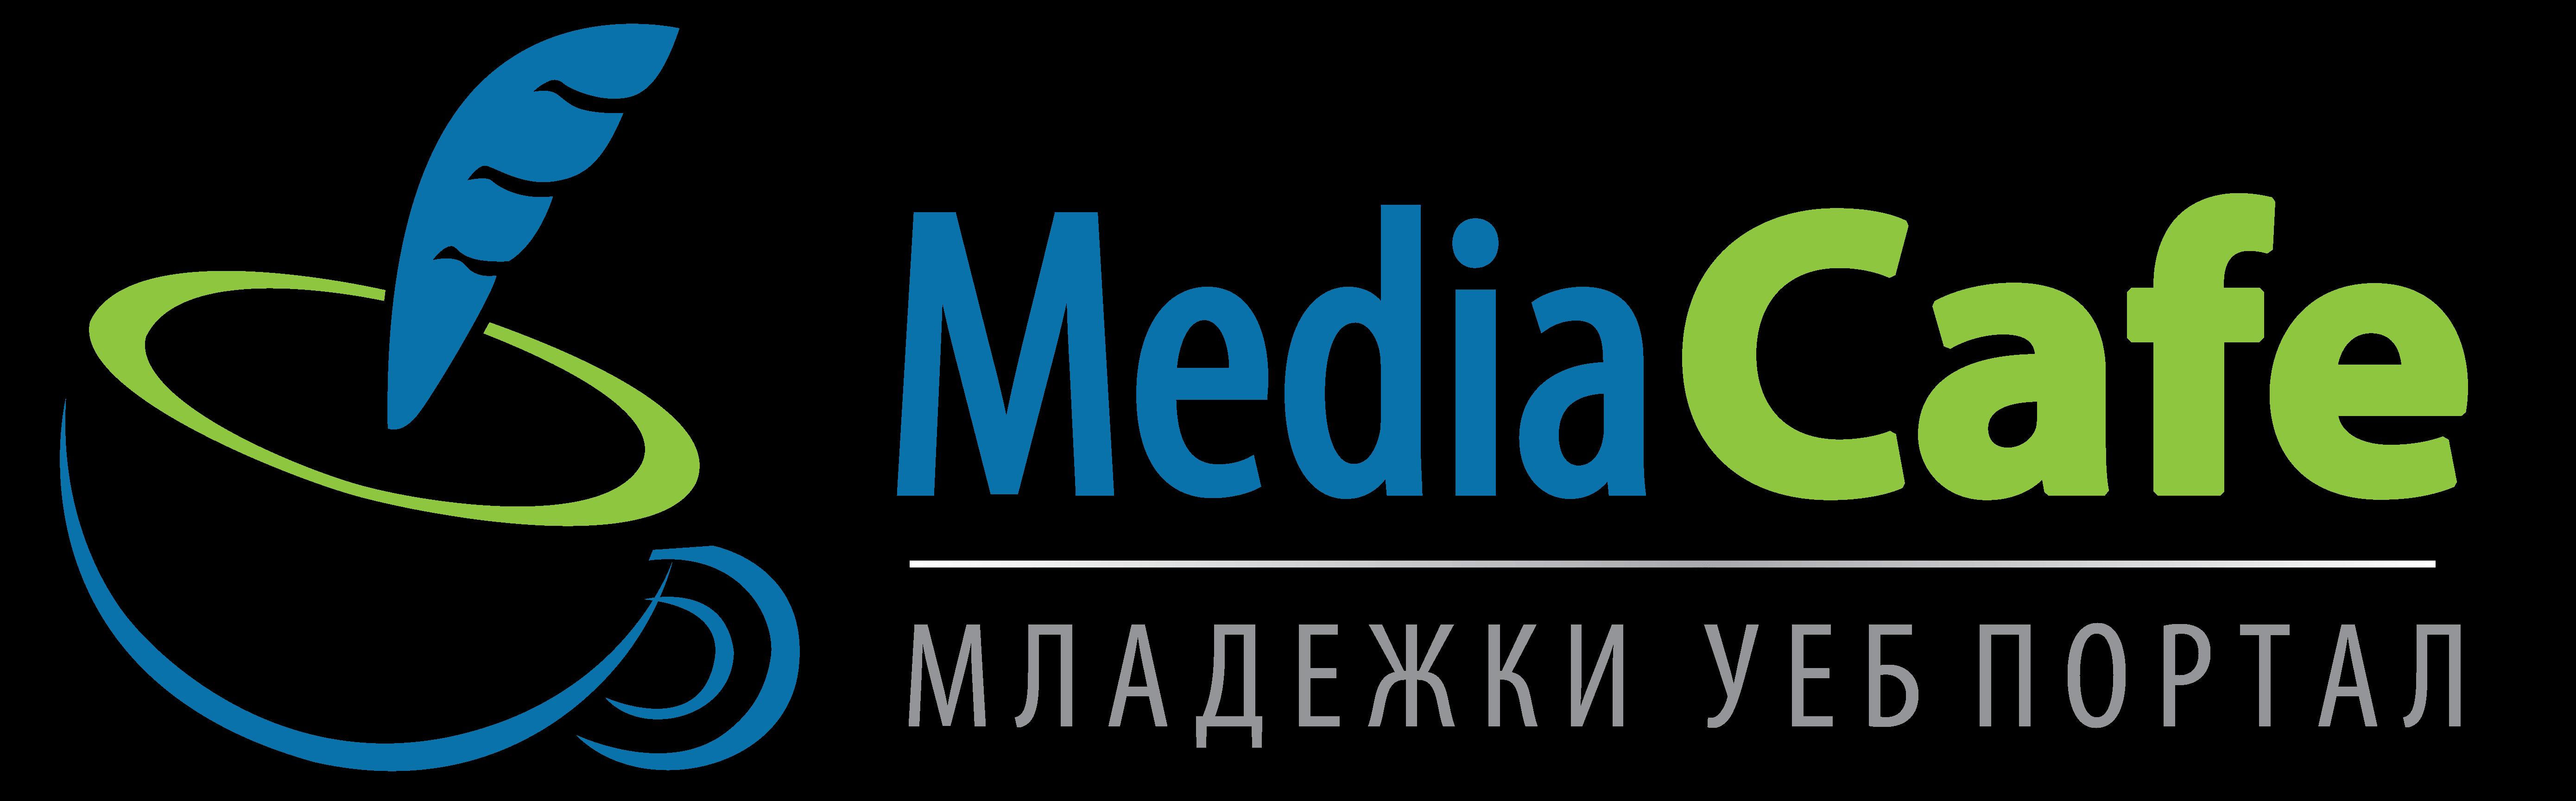 MediaCafe logo